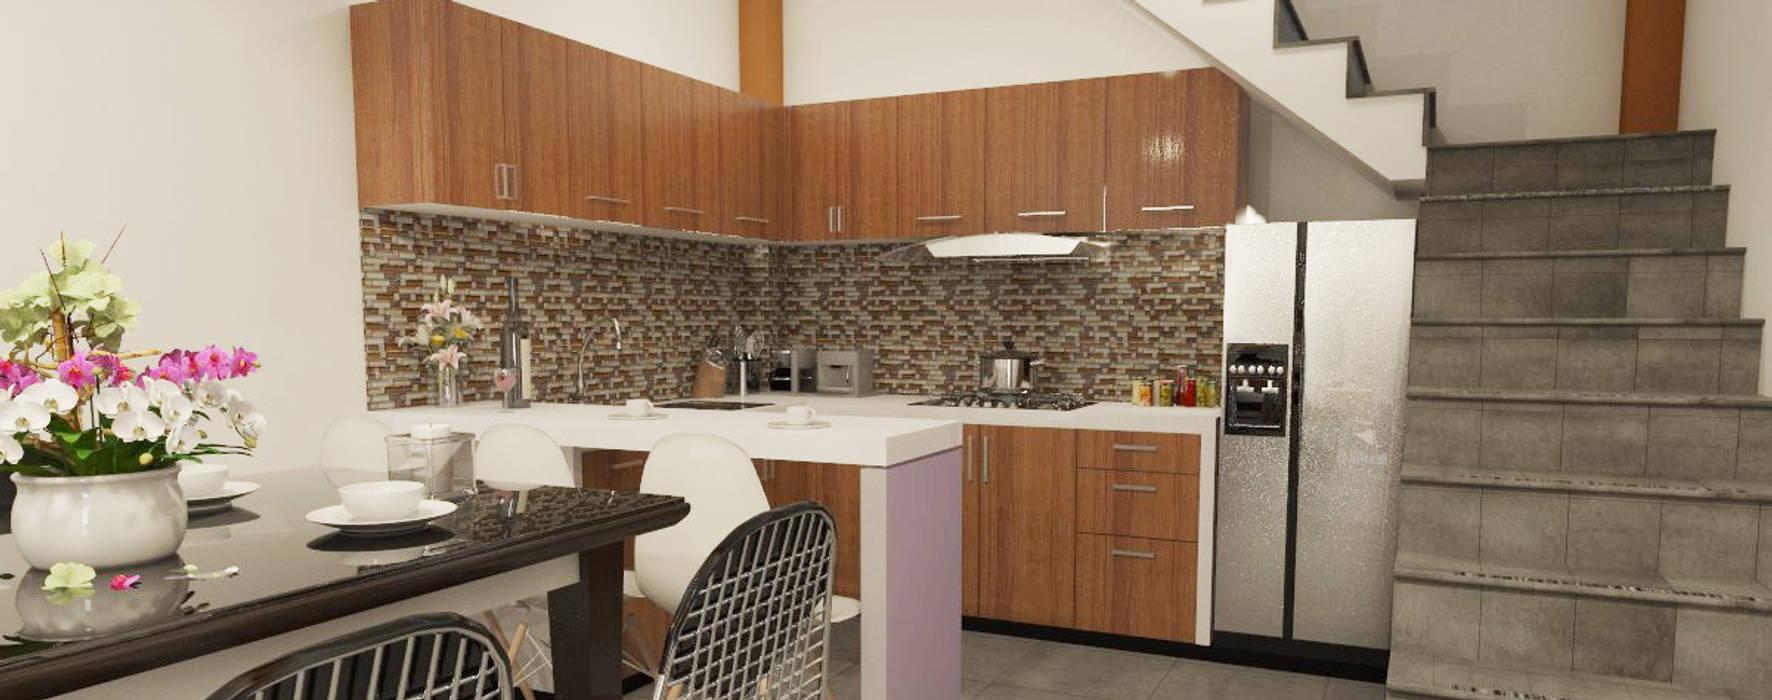 DISEÑO DE COCINA VIVIENDA (6.50 X 4m): Cocinas equipadas de estilo  por CN y Arquitectos